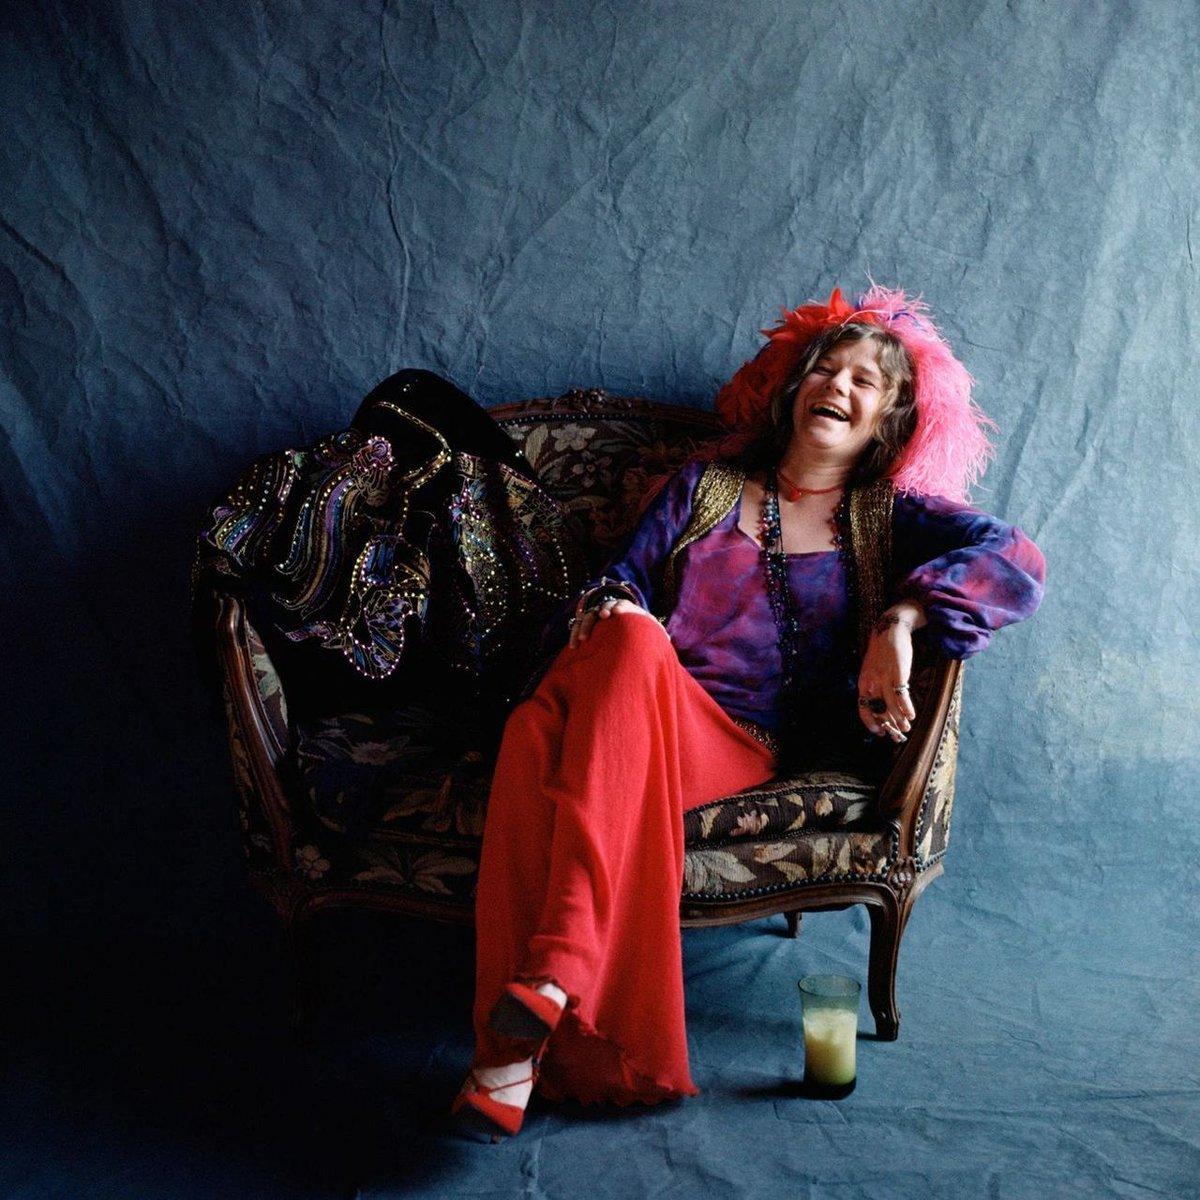 Janis Joplin, uma mulher branca em torno dos seus 27 anos, está sentada em uma poltrona estampada. Ela está com as pernas cruzadas, o braço apoiado no encosto e dá uma gargalhada. Ela usa uma calça solta e vermelha, sapatos de bico fino vermelhos, uma blusa roxa de mangas compridas e plumas vermelhas no cabelo. O fundo é azul e há um copo com um líquido amarelado no chão.